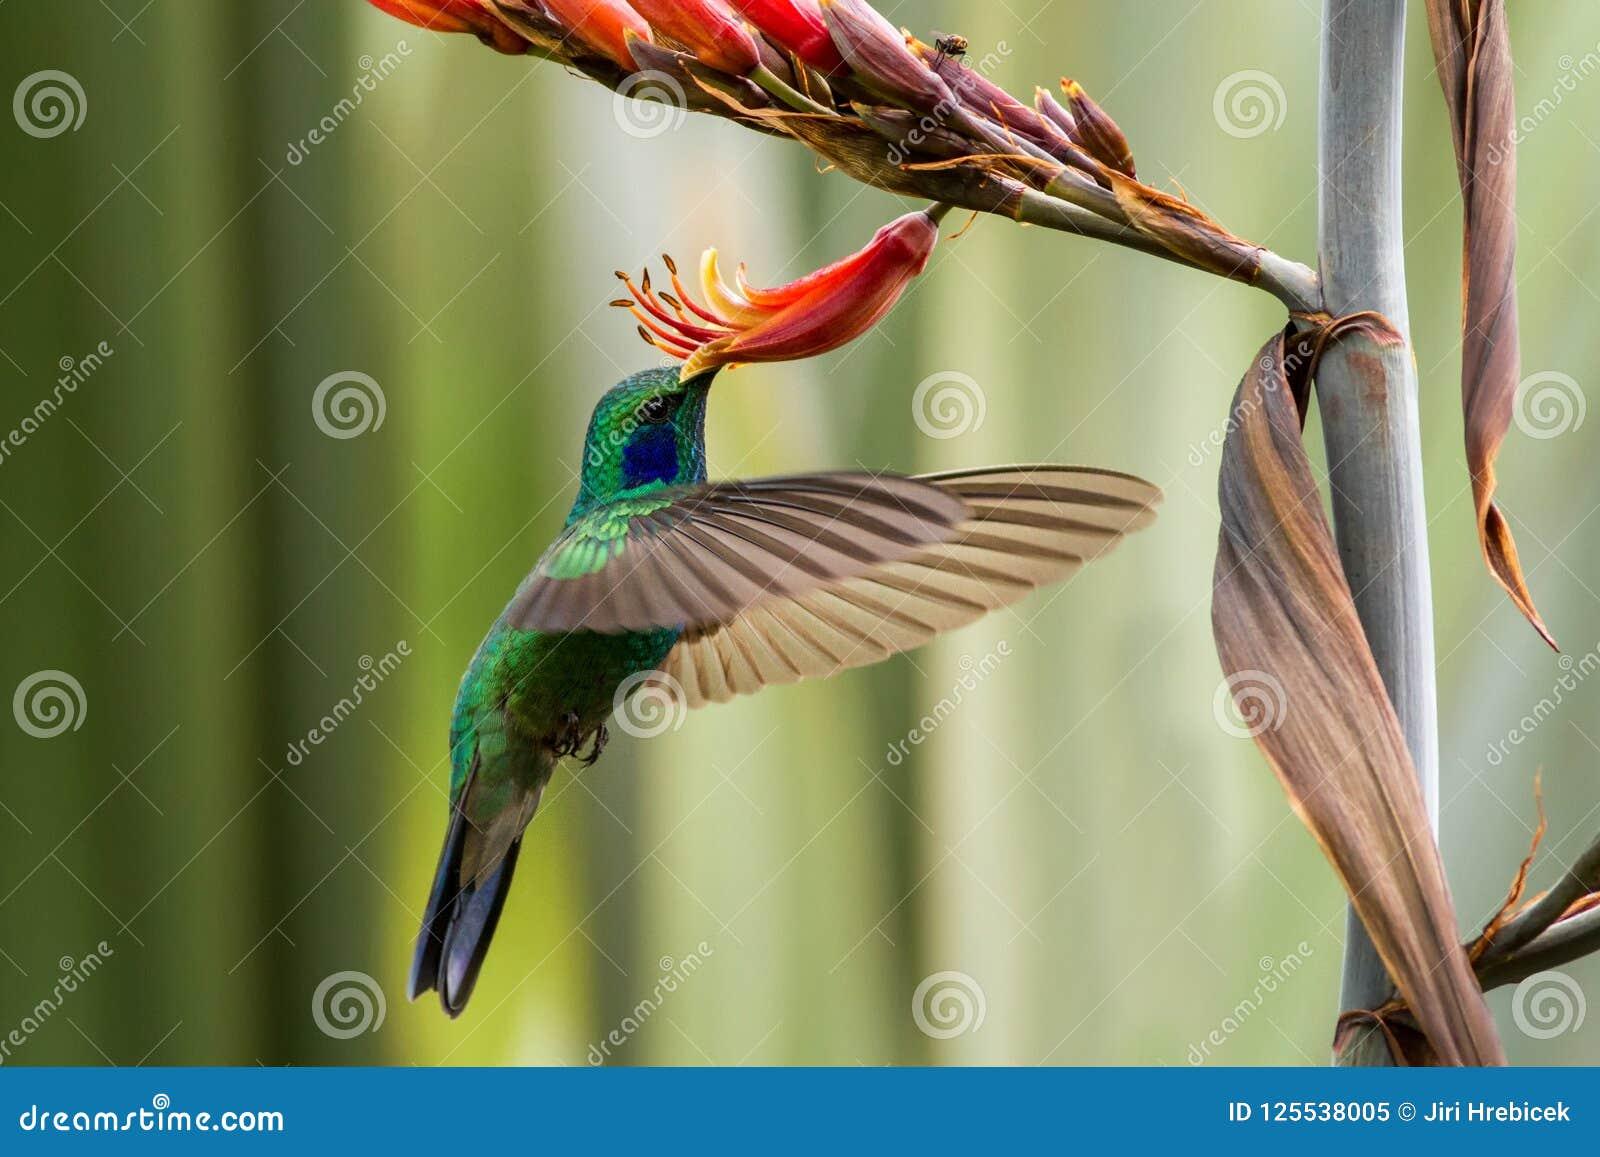 Groen violet-oor die naast rode en gele bloem, vogel tijdens de vlucht hangen, berg tropisch bos, Mexico, tuin